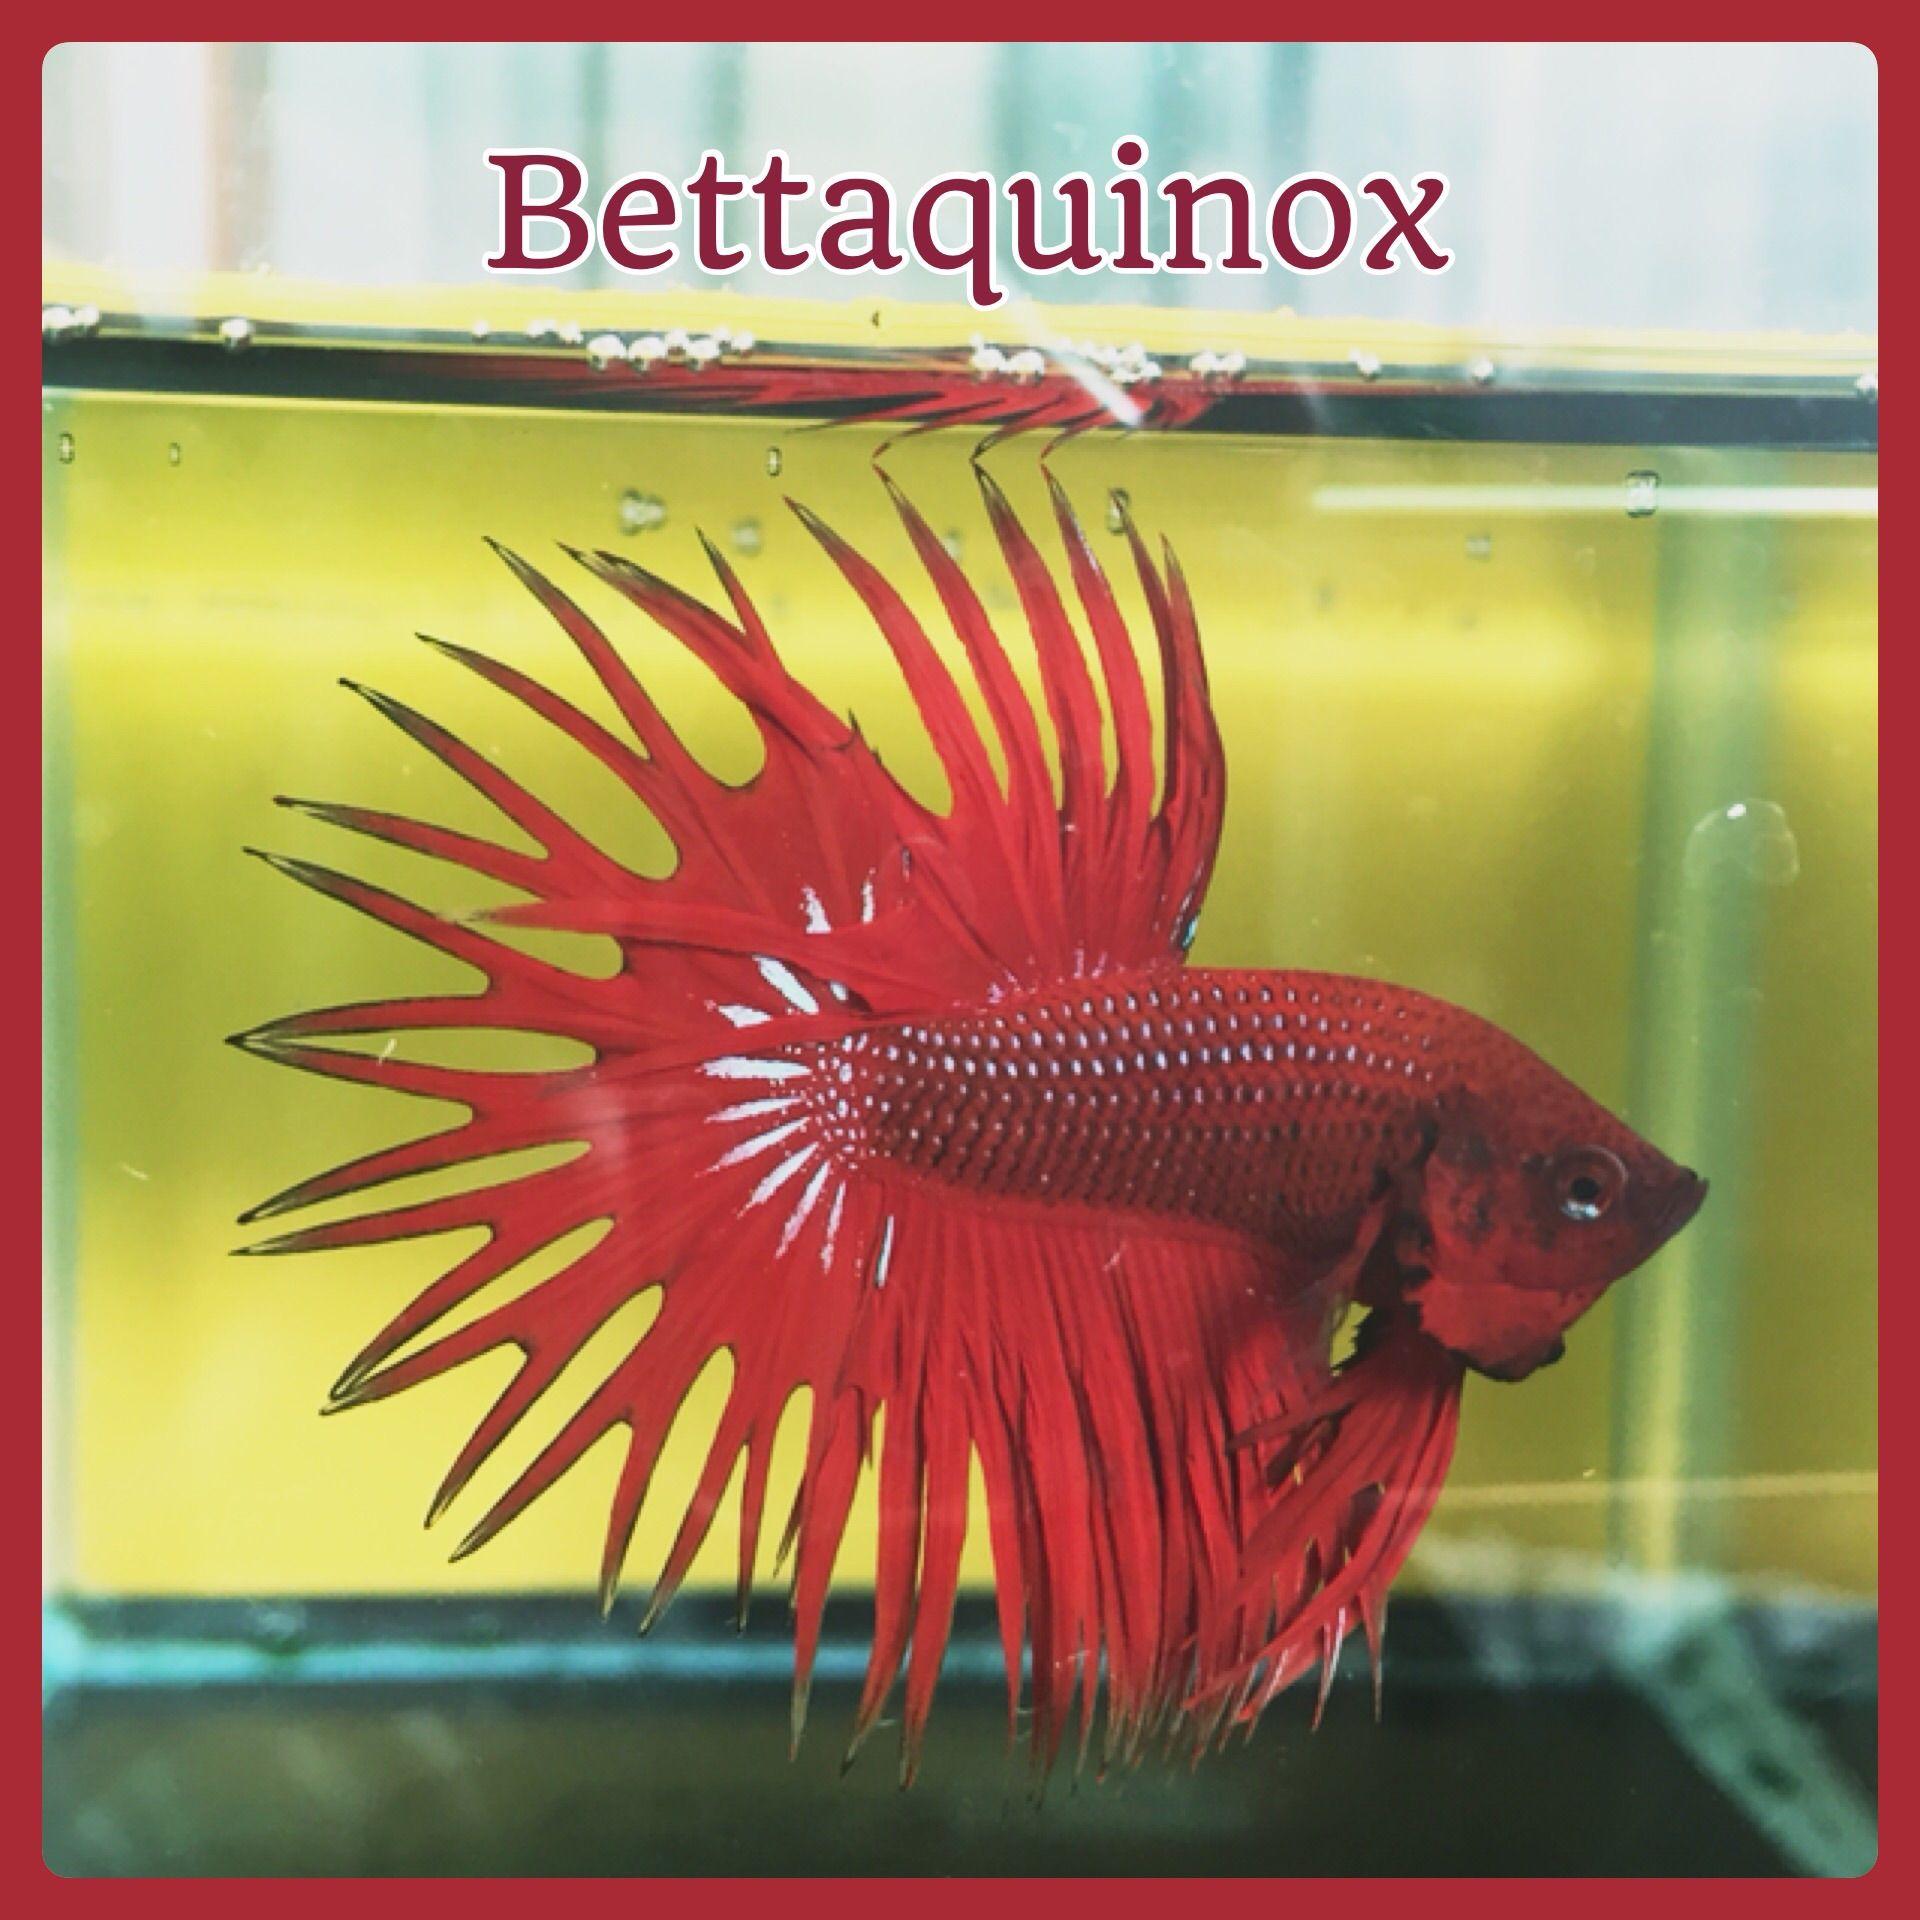 Fwbettasct1432233606 bettaquinox collection show for Show betta fish